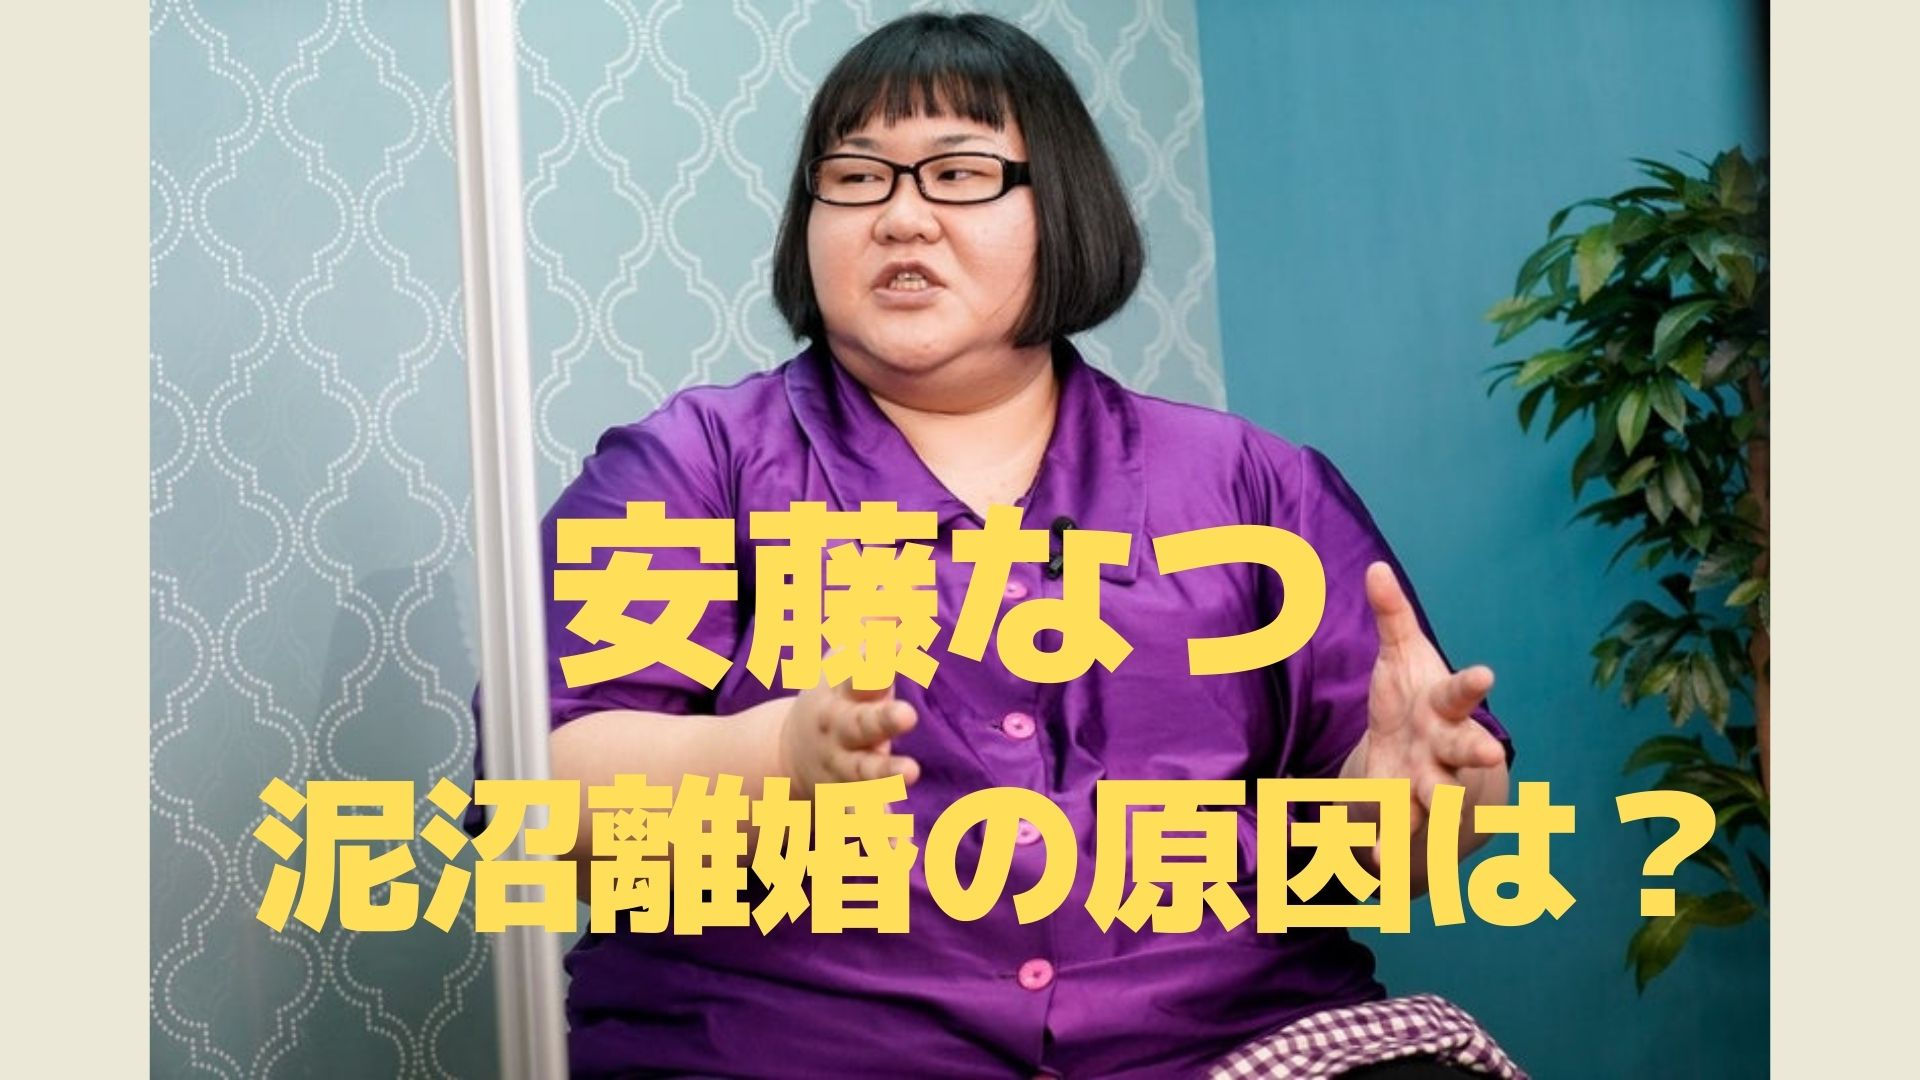 natsu-ando-divorce